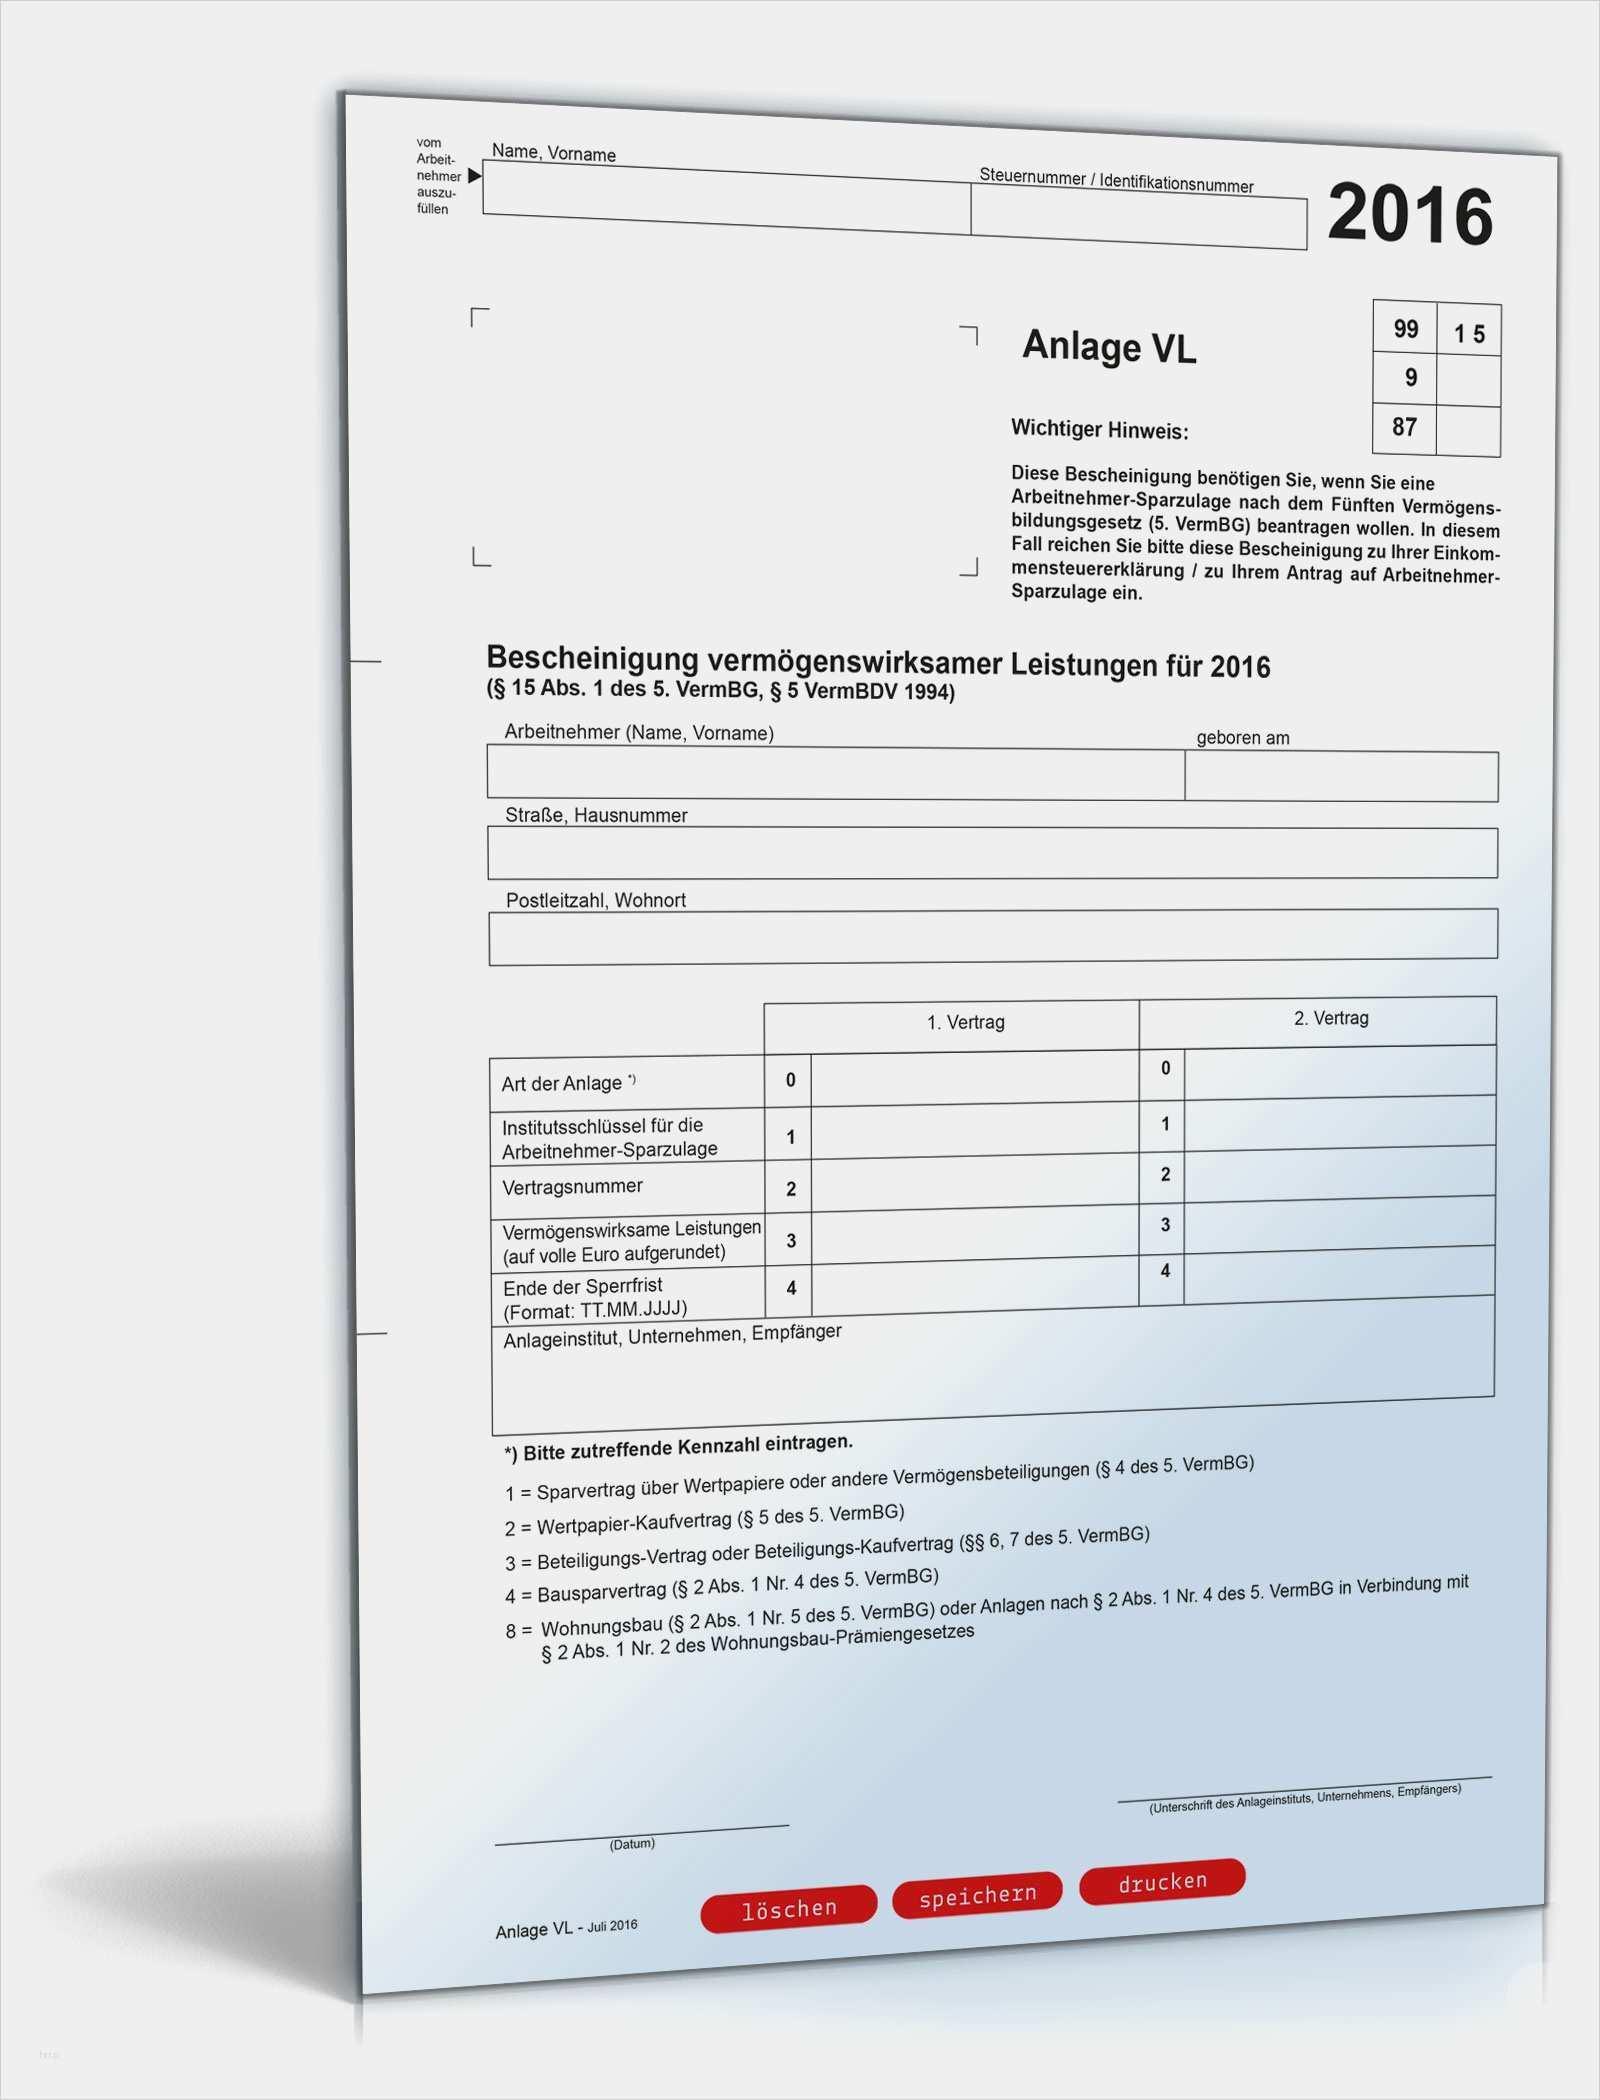 21 Gut Aufmass Vorlage Openoffice Bilder In 2020 Vorlagen Anschreiben Vorlage Vorlagen Word